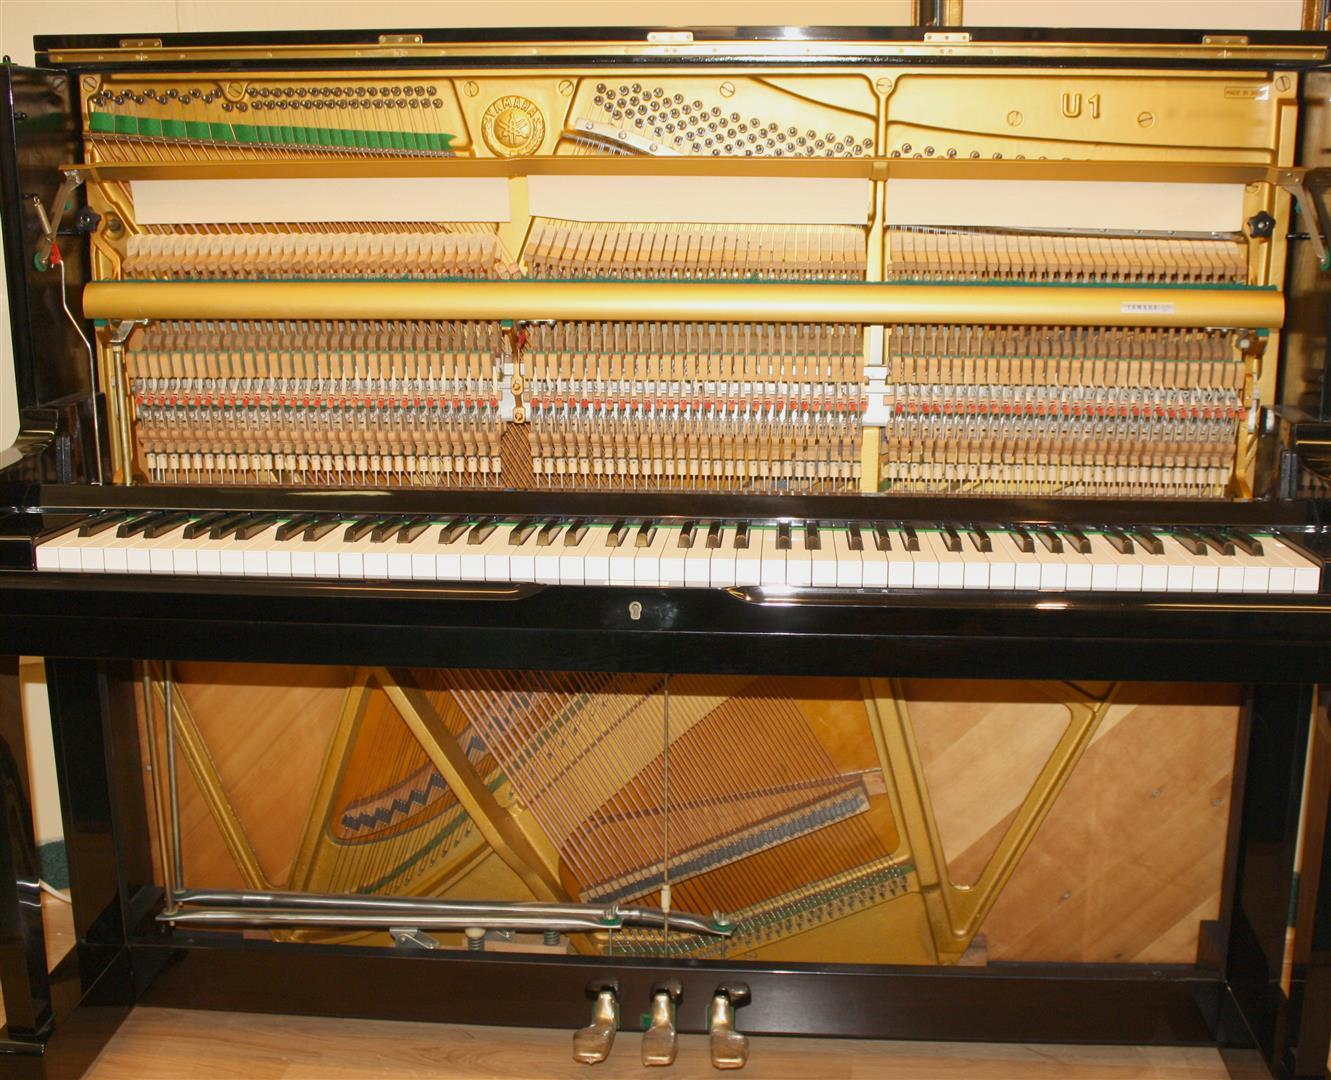 Four star reconditoned yamaha yamaha u1 upright piano 48 for U3 yamaha price